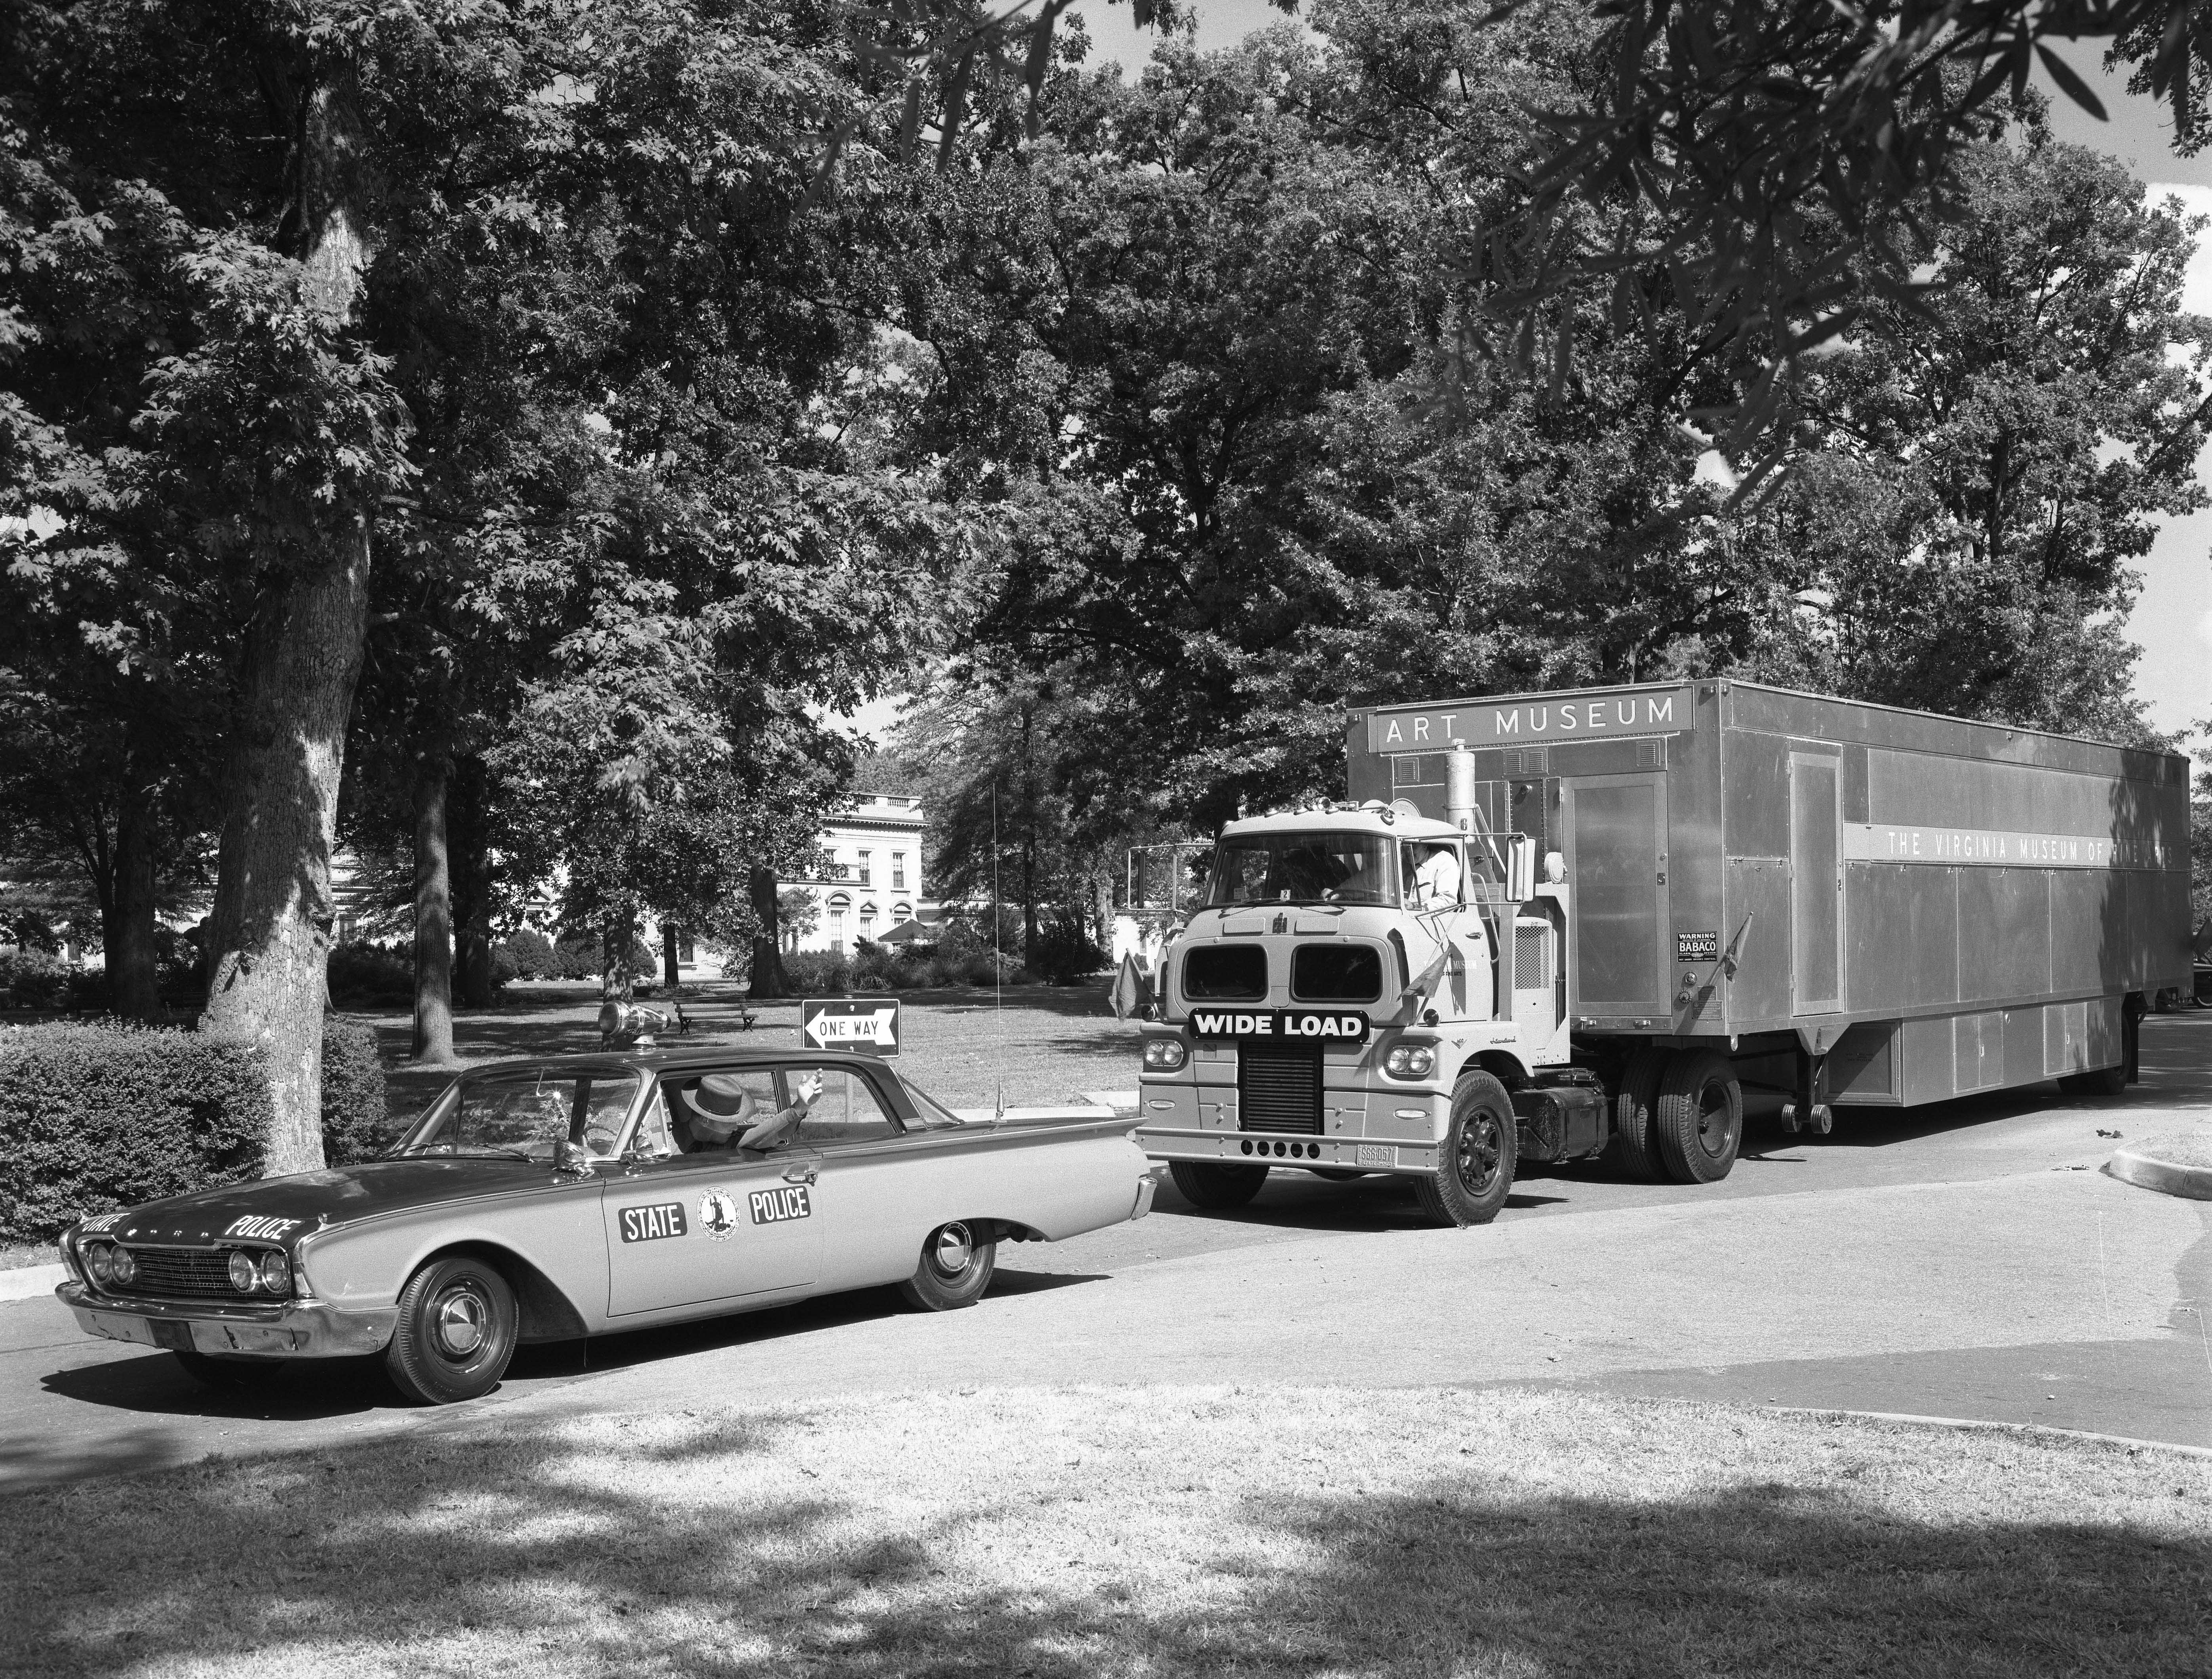 Virginia Artmobile